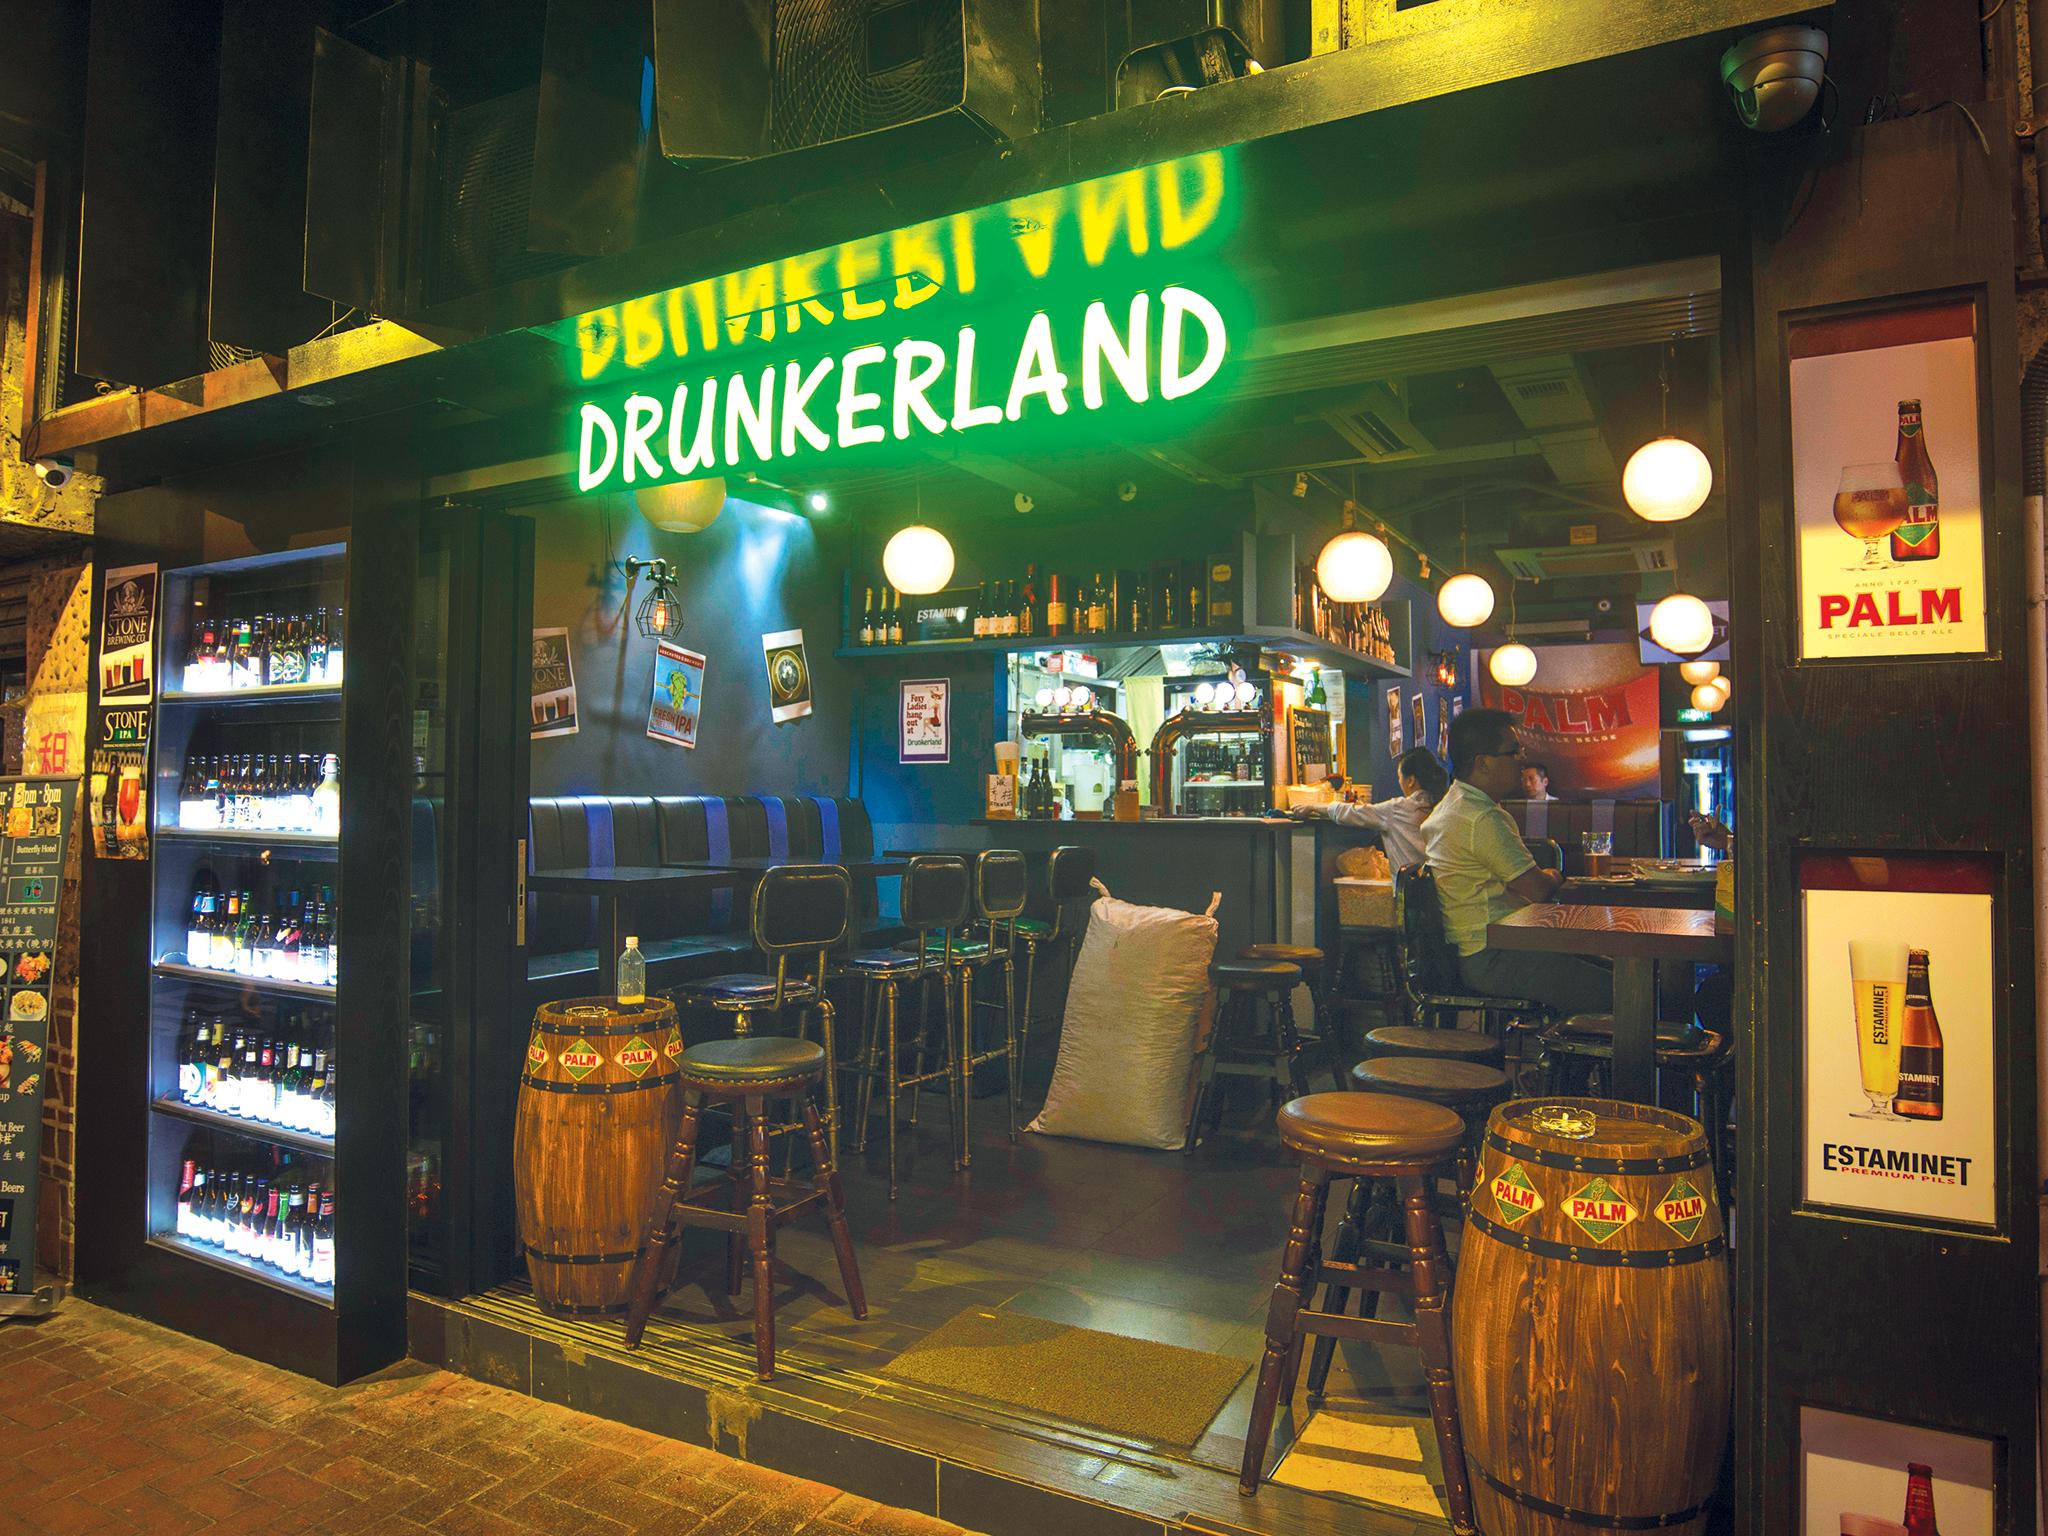 Drunkerland